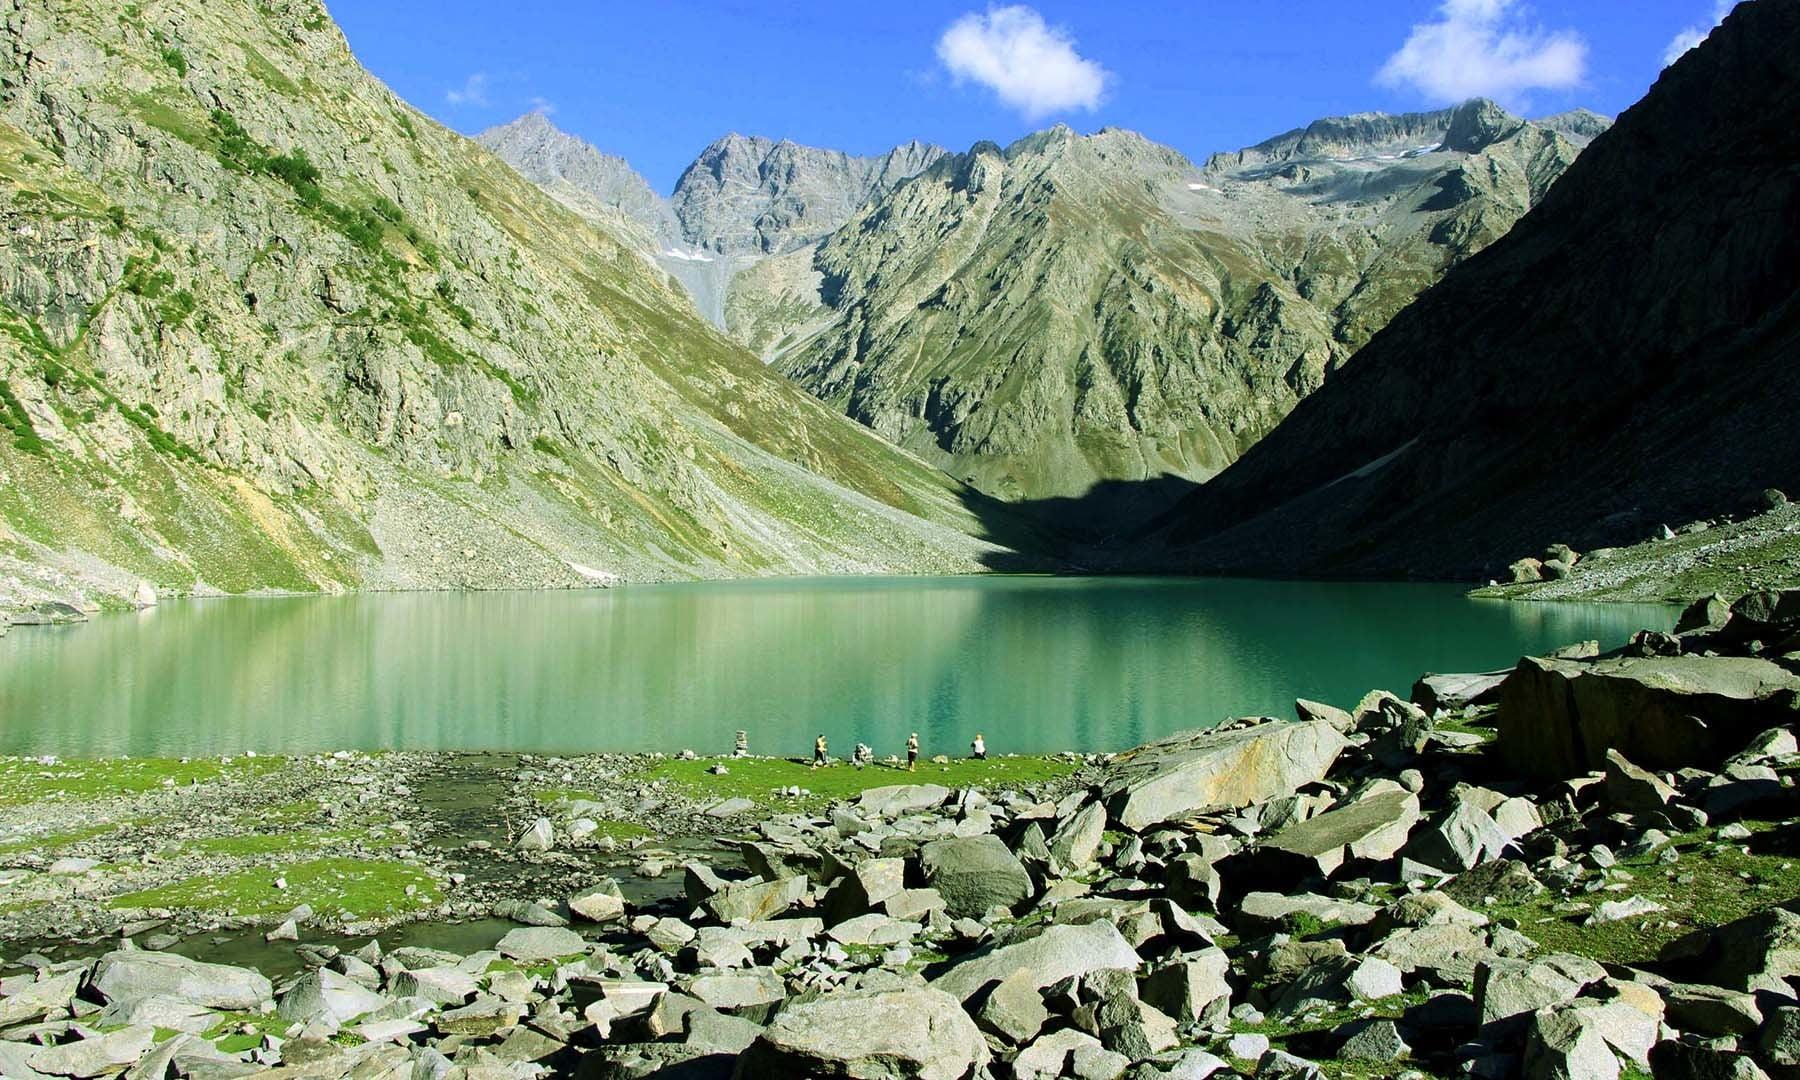 جھیل کے کنارے سیاحوں کو دیکھا جاسکتا ہے—تصویر امجد علی سحاب